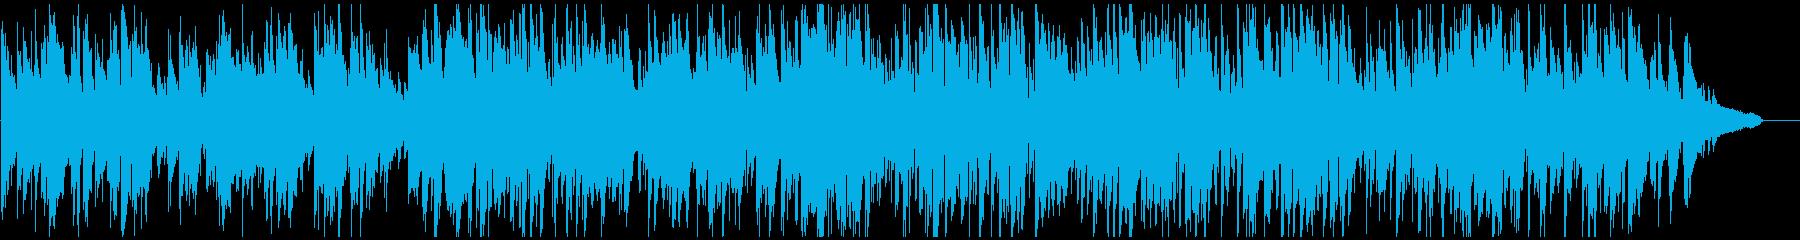 日常系の明るいジャズ、スイング、サックスの再生済みの波形